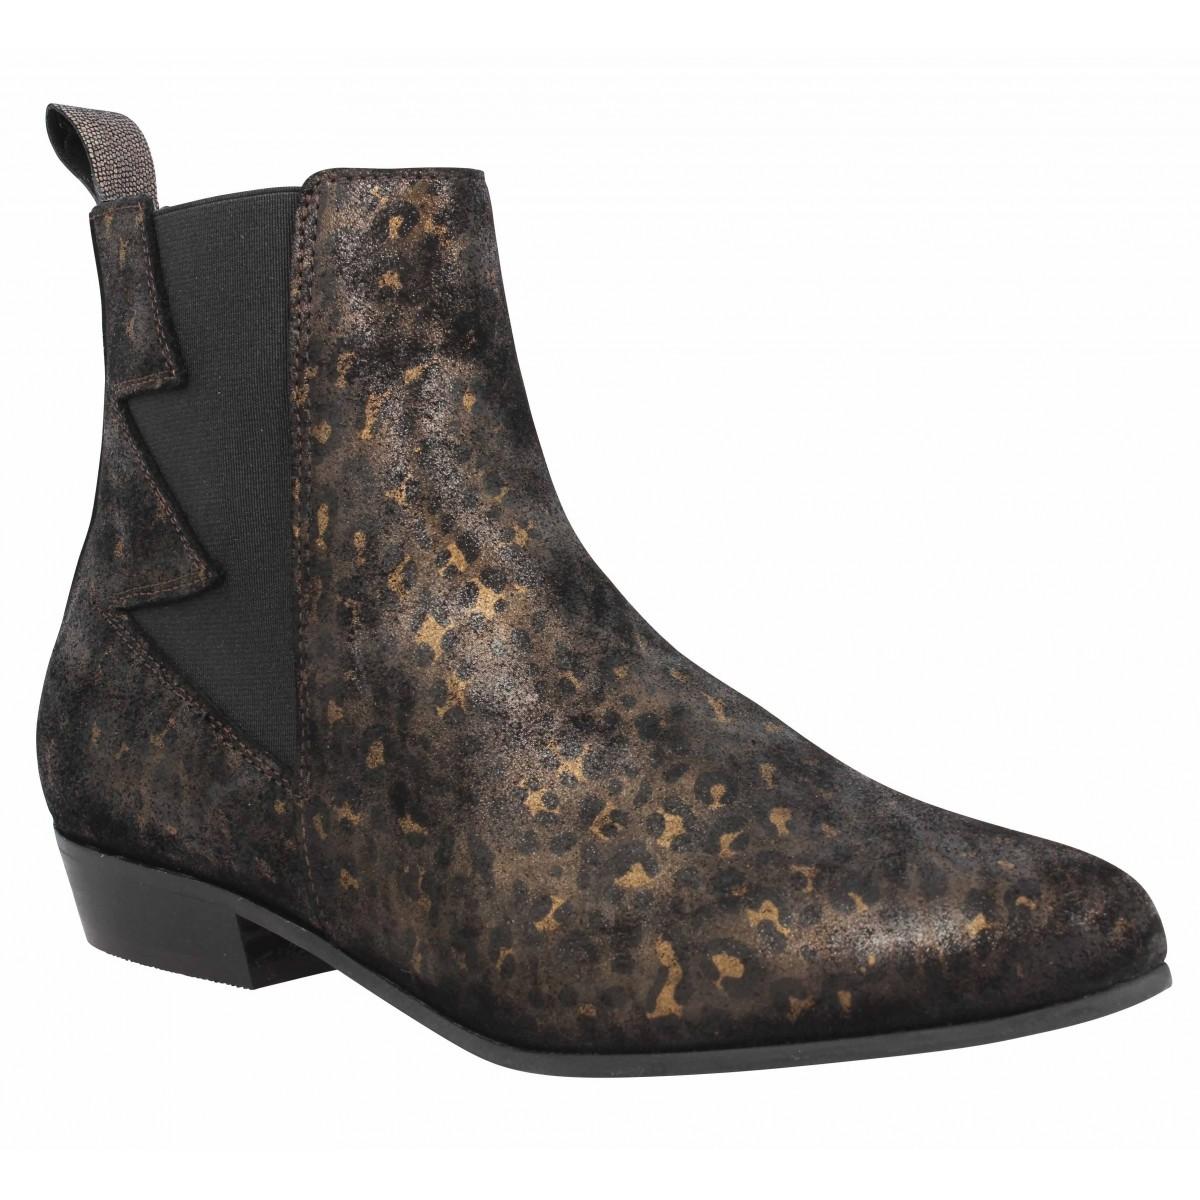 Bottines SCHMOOVE Peckham Boots cuir Femme Noir